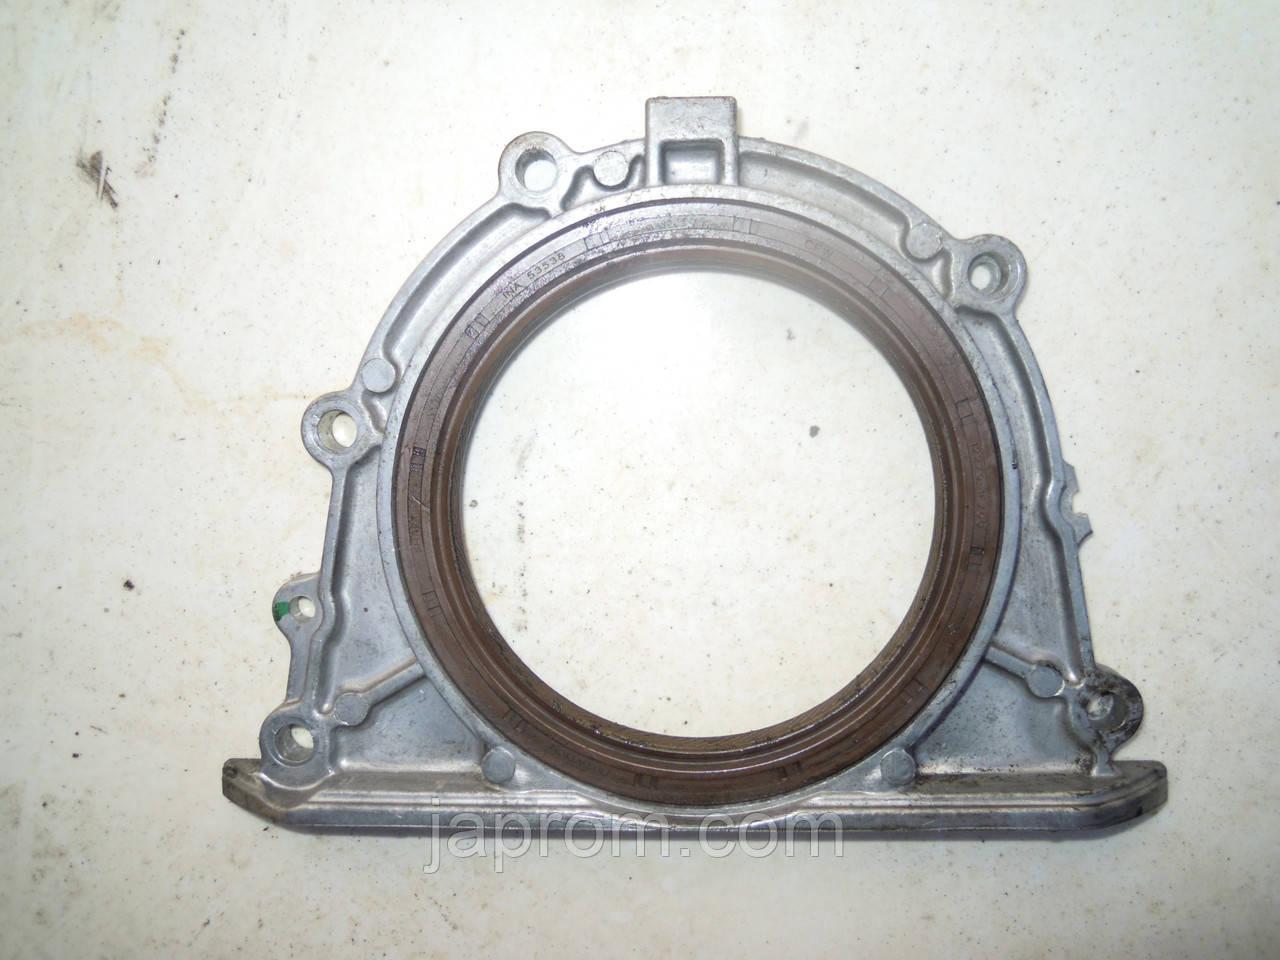 Крышка заднего сальника коленвала Nissan Almera N16  Primera P10 P11 P12 Sunny N14 1.5, 1.6, 1.8